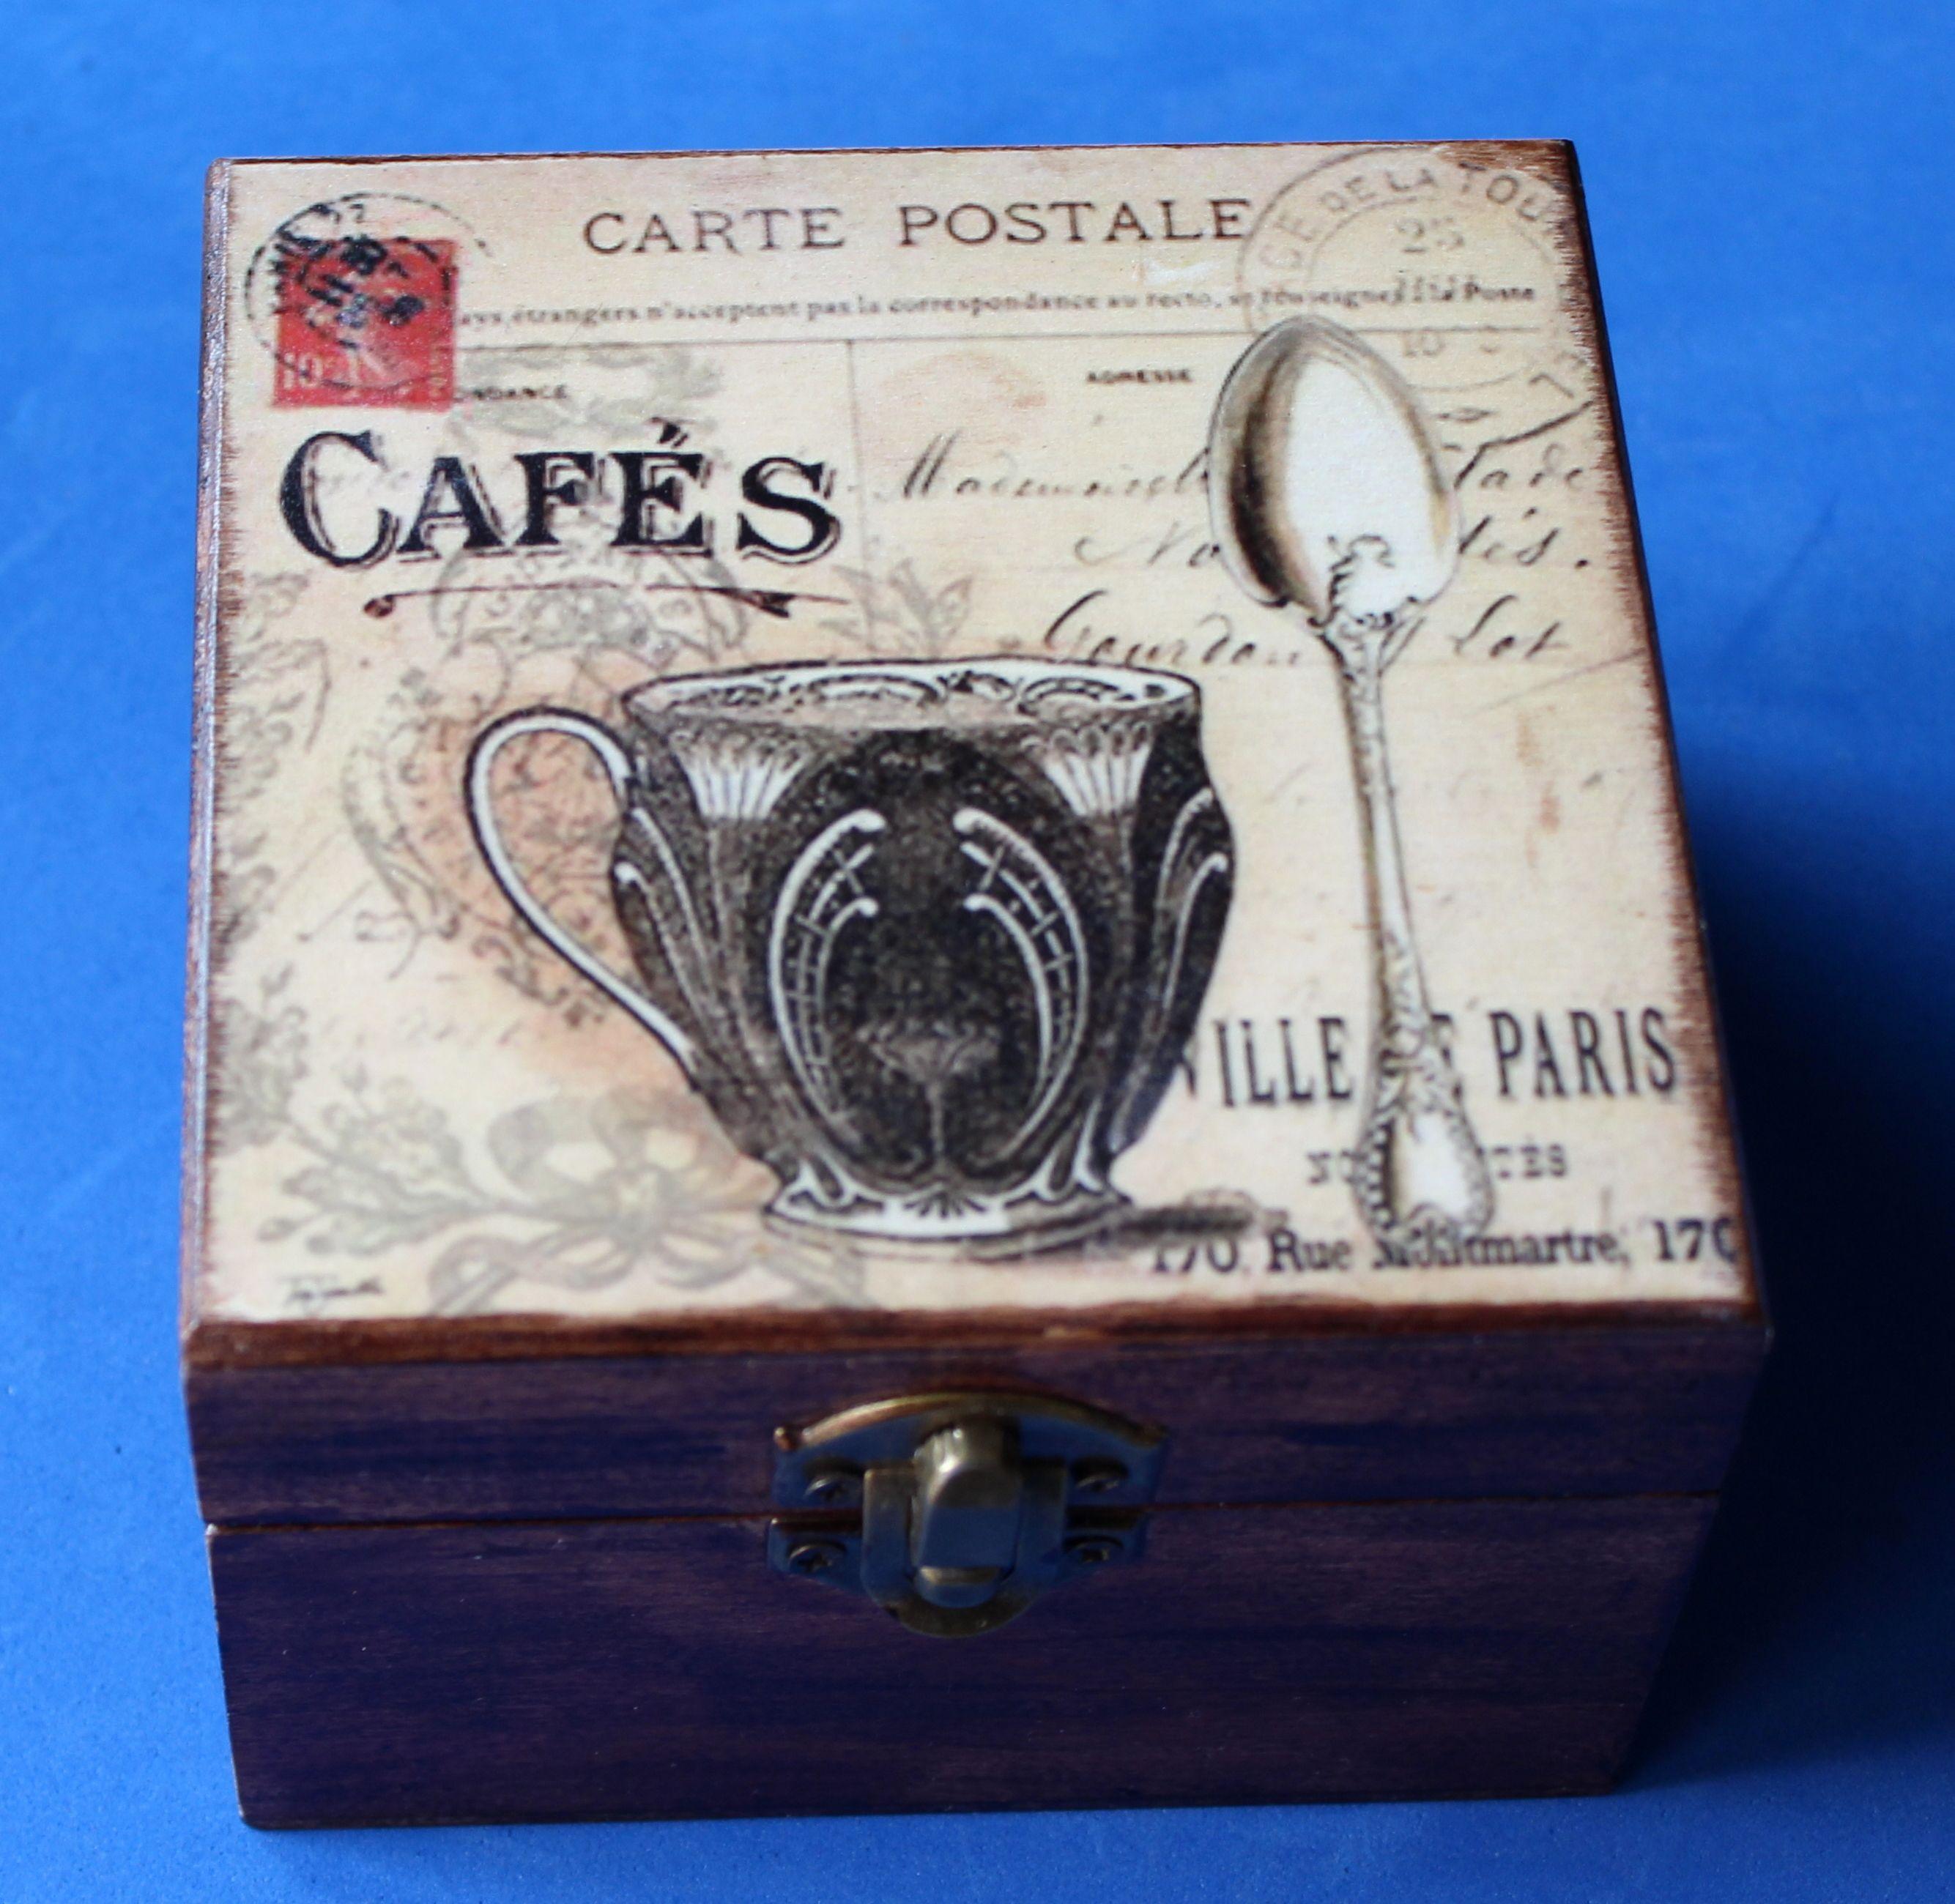 caja de madera decorada a mano - Cajas De Madera Decoradas